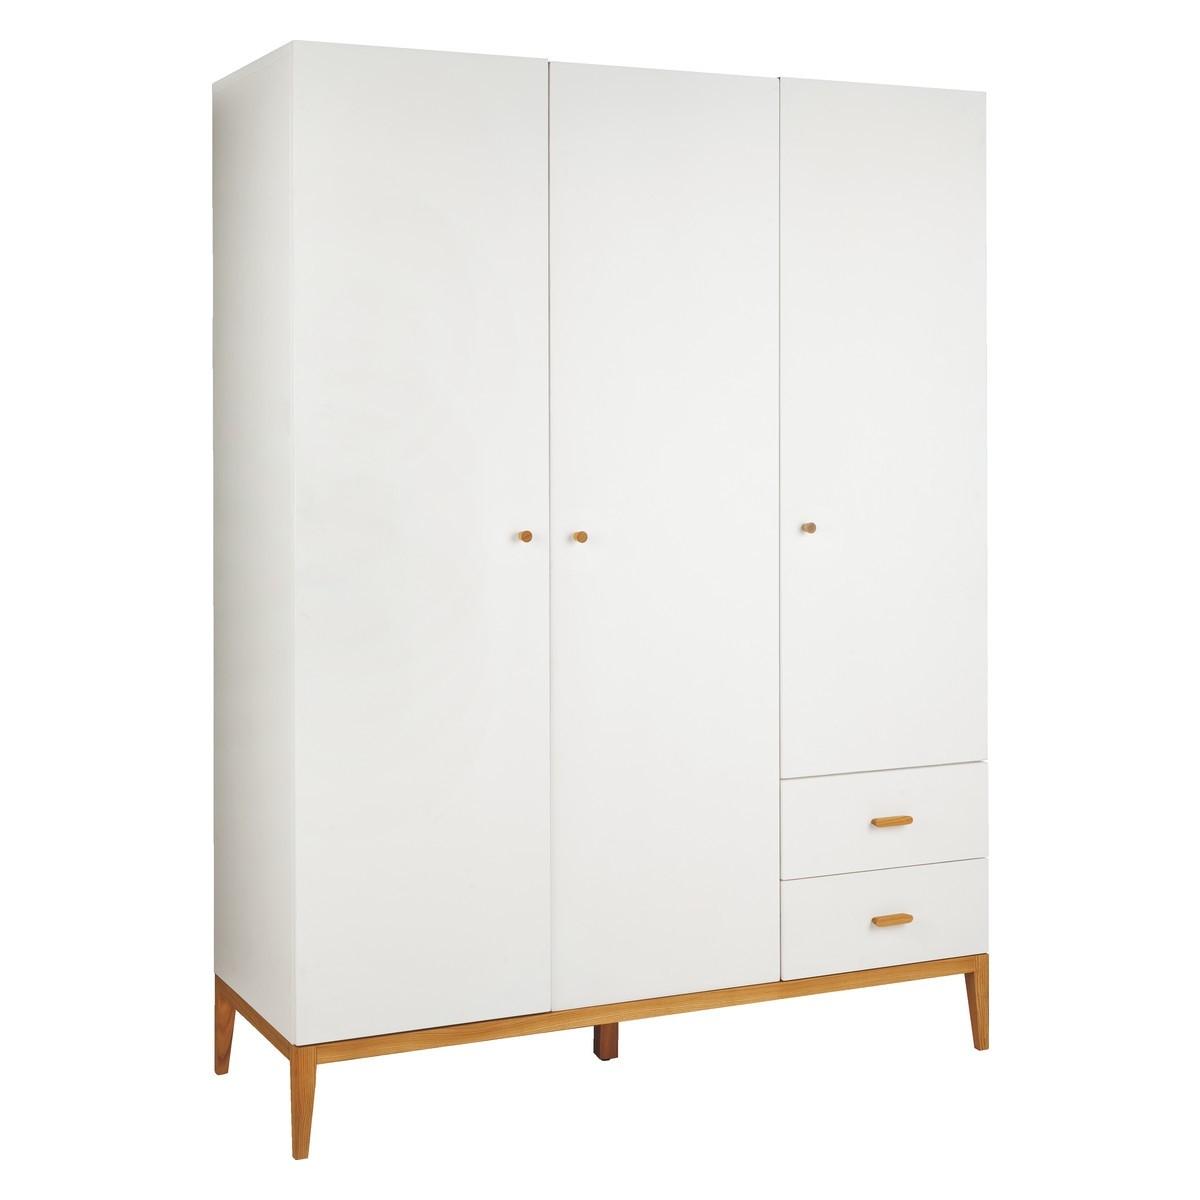 Tatsuma White And Ash 3 Door Wardrobe Buy Now At Habitat Uk Regarding 3 Door White Wardrobes (View 9 of 25)